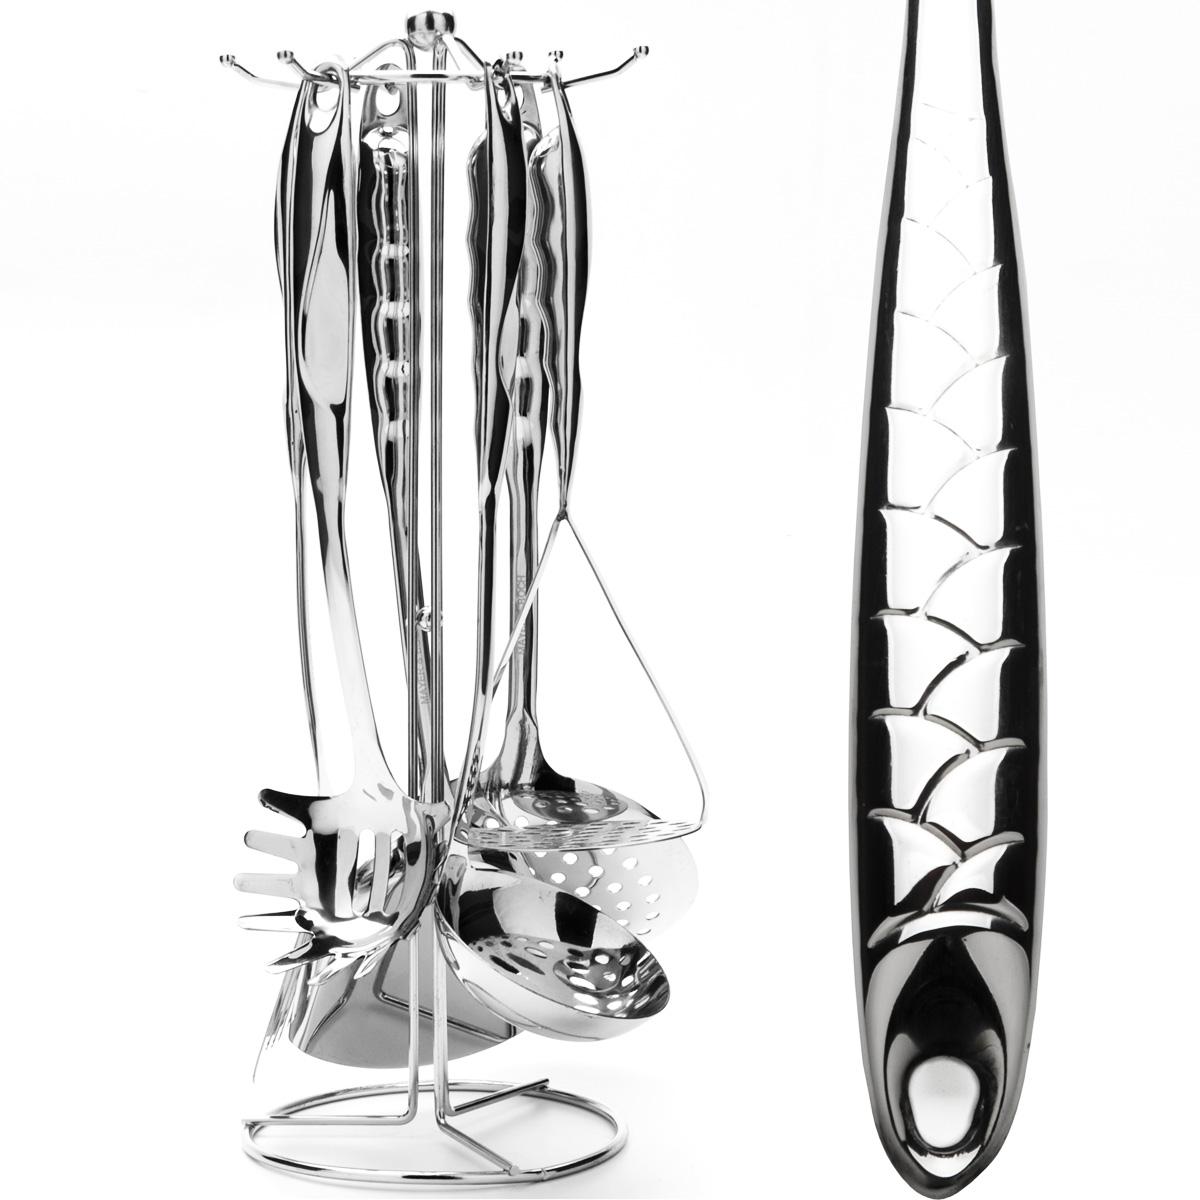 Набор кухонных принадлежностей Mayer & Boch, 7 предметов. 2379423794Набор кухонных принадлежностей Mayer & Boch выполнен из высококачественной нержавеющей стали c зеркальной поверхностью. Набор состоит из ложки для спагетти, половника, шумовки, ложки, лопатки с прорезями, картофелемялки и подставки. Все кухонные принадлежности имеют петельку с помощью которой можно подвесить на подставку с крючками.Эксклюзивный дизайн, эстетичность и функциональность набора позволят ему занять достойное место среди кухонного инвентаря. Набор пригоден для мытья в посудомоечной машине. Длина ложки для спагетти: 32 см. Размер рабочей поверхности ложки для спагетти: 8,5 см х 8 см. Длина половника: 34 см. Диаметр рабочей поверхности половника: 9 см. Длина шумовки: 35 см. Диаметр рабочей поверхности шумовки: 12 см. Длина ложки: 37 см. Размер рабочей поверхности ложки: 9 см х 10 см. Длина лопатки с прорезями: 36 см. Размер рабочей поверхности лопатки: 8 см х 8 см. Длина картофелемялки: 27 см. Размер рабочей поверхности картофелемялки: 9 см х 9 см. Размер подставки: 14 см х 14 см х 41 см.